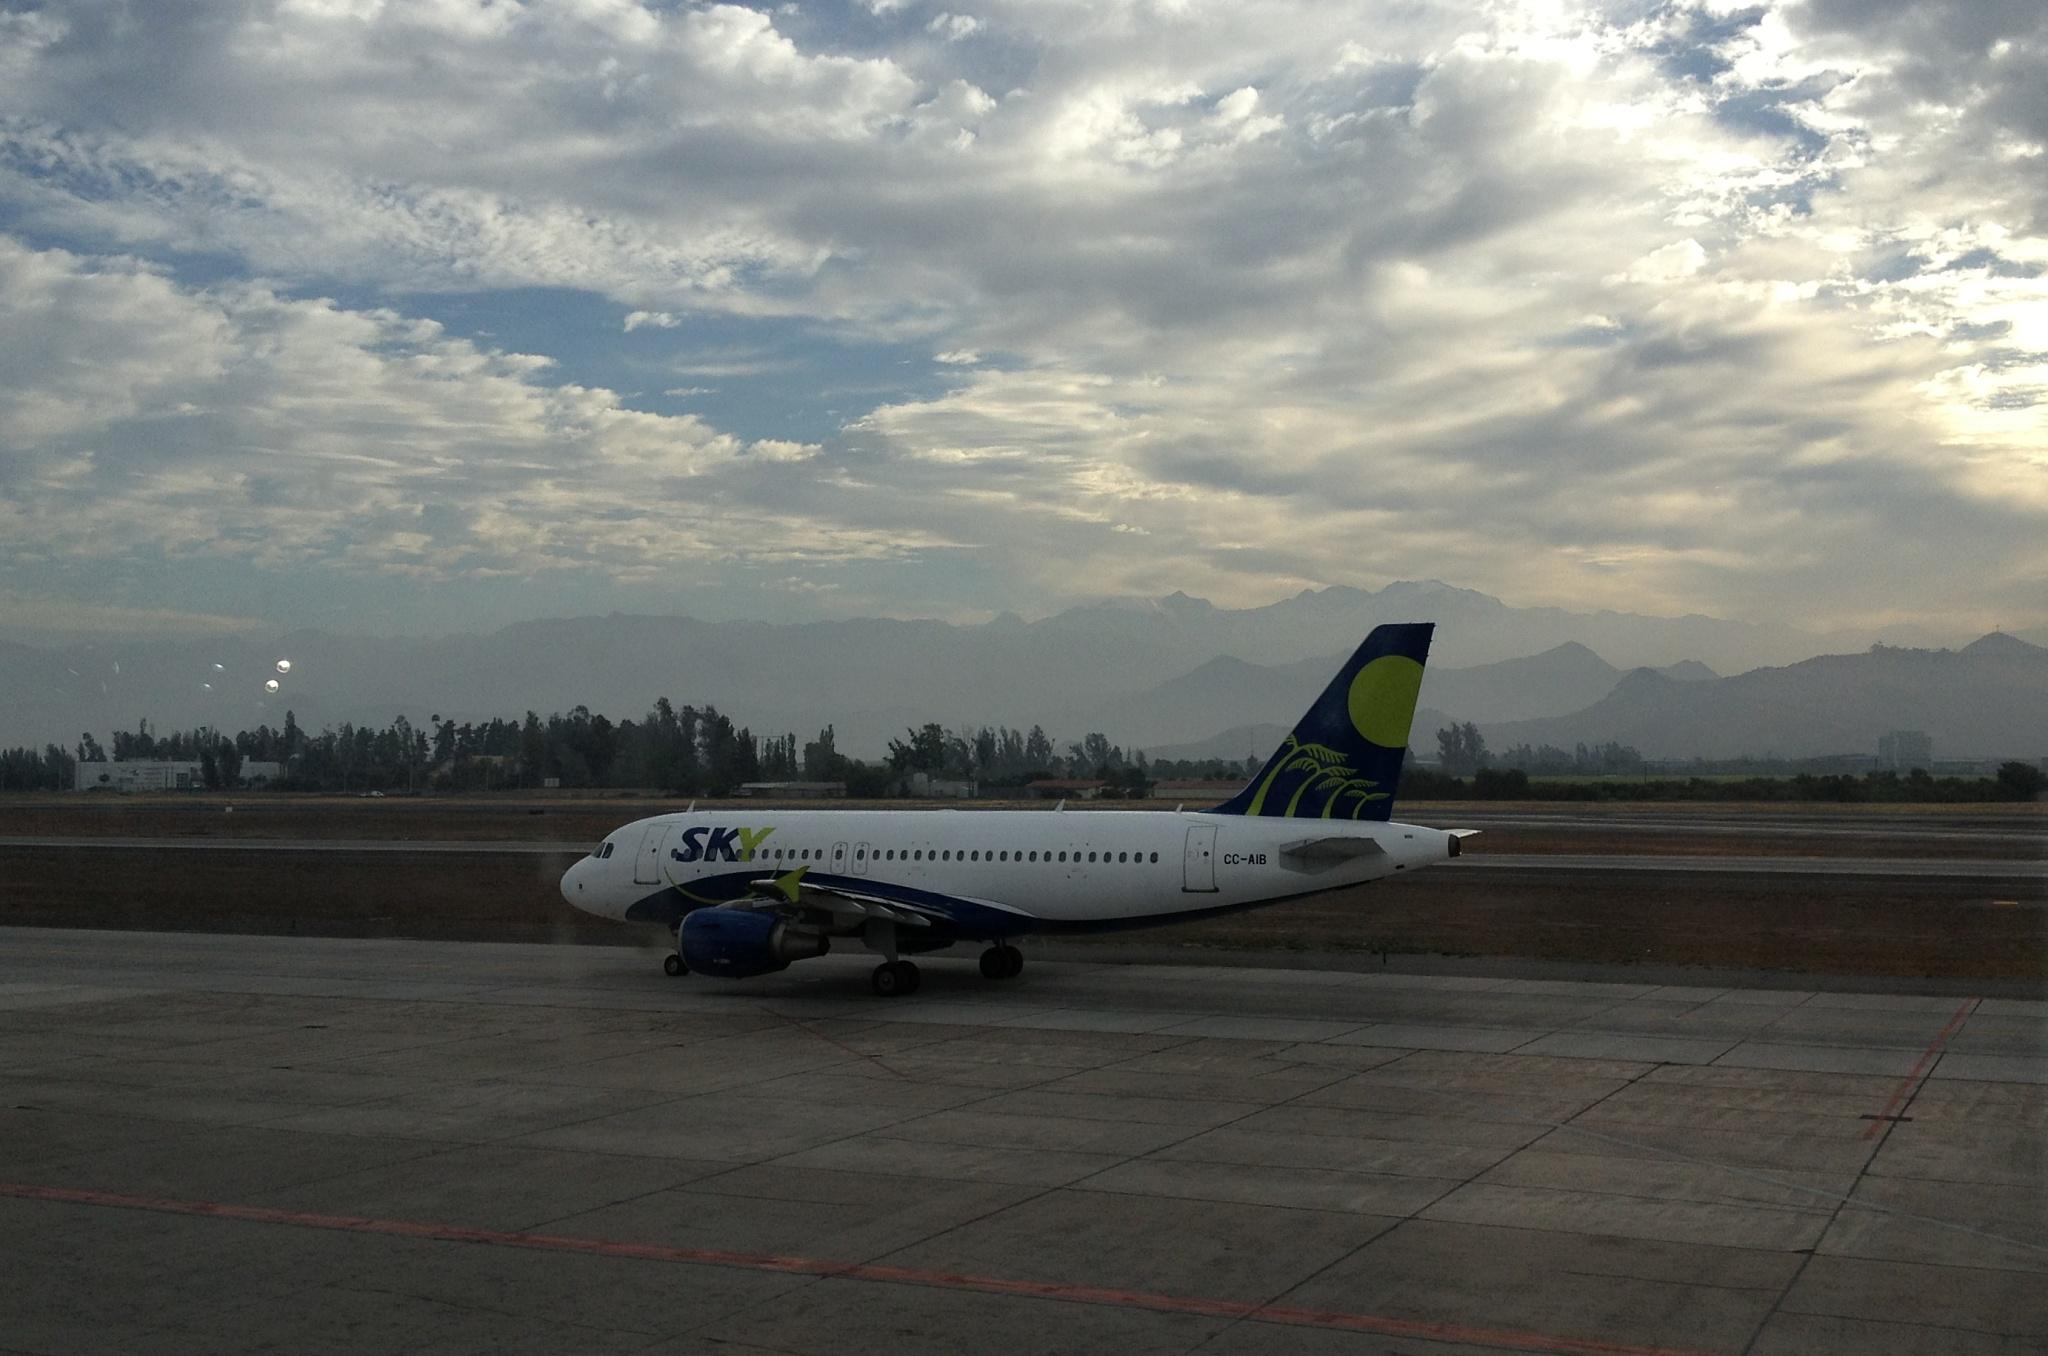 Letadlo Sky Airline, s podobným poletíme také